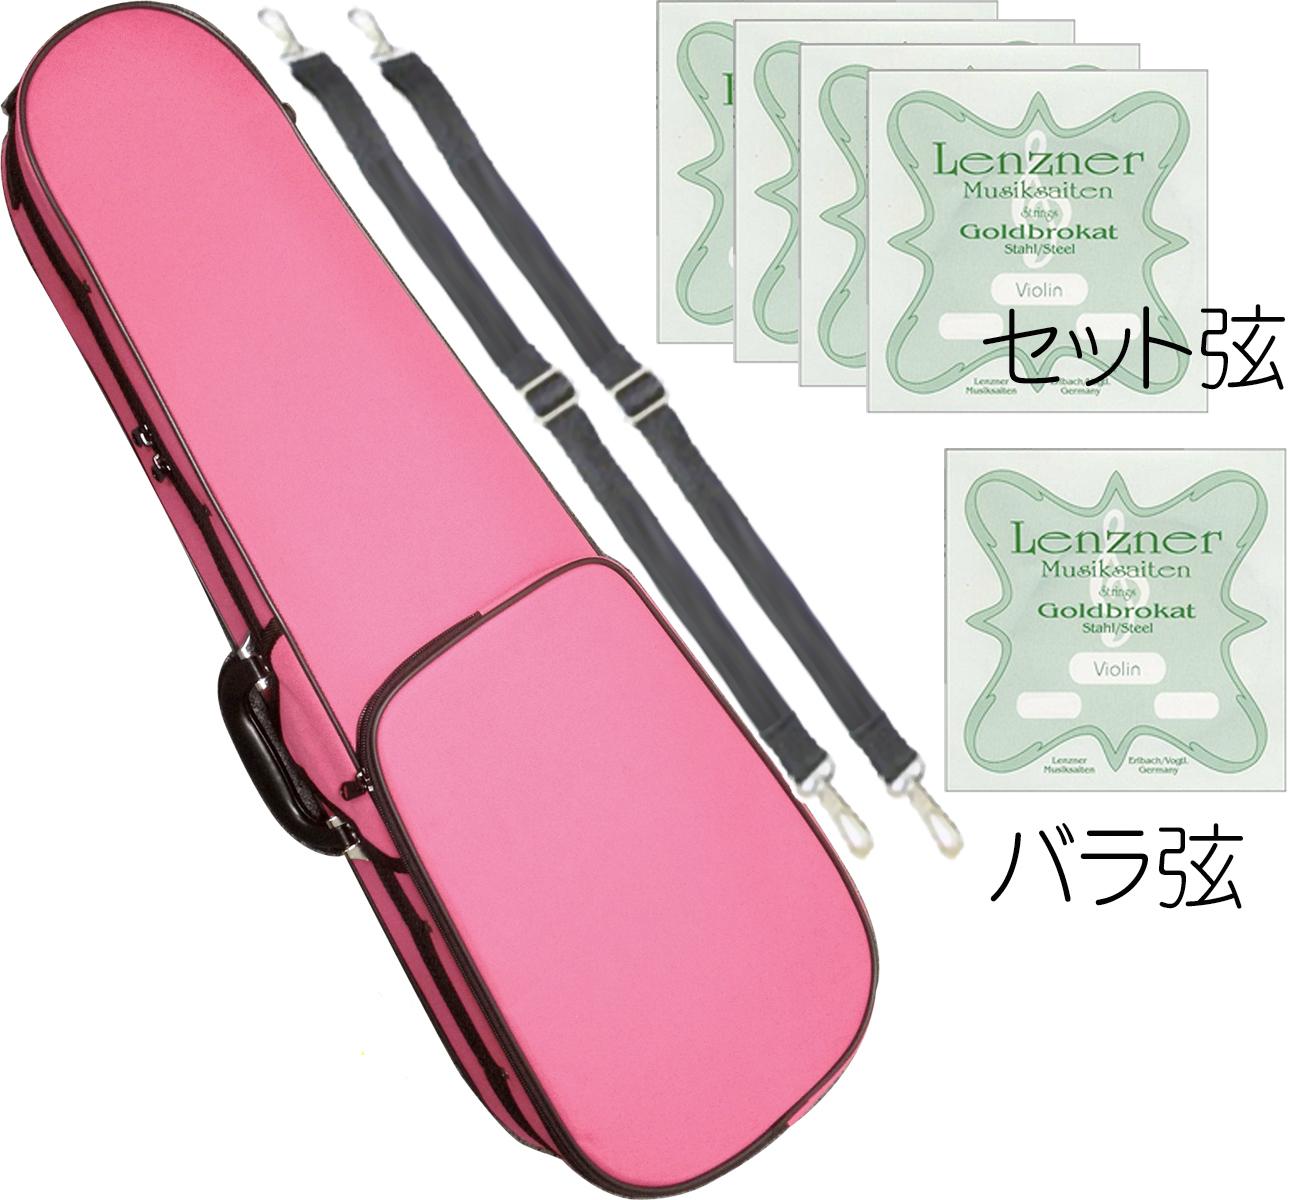 CarloGiordano ( カルロジョルダーノ ) TRC-100C ピンク 16分の1 バイオリンケース リュックタイプ バイオリン セミハードケース ケース violin case 【 TRC100C 1/16 pink 0.26ボール】